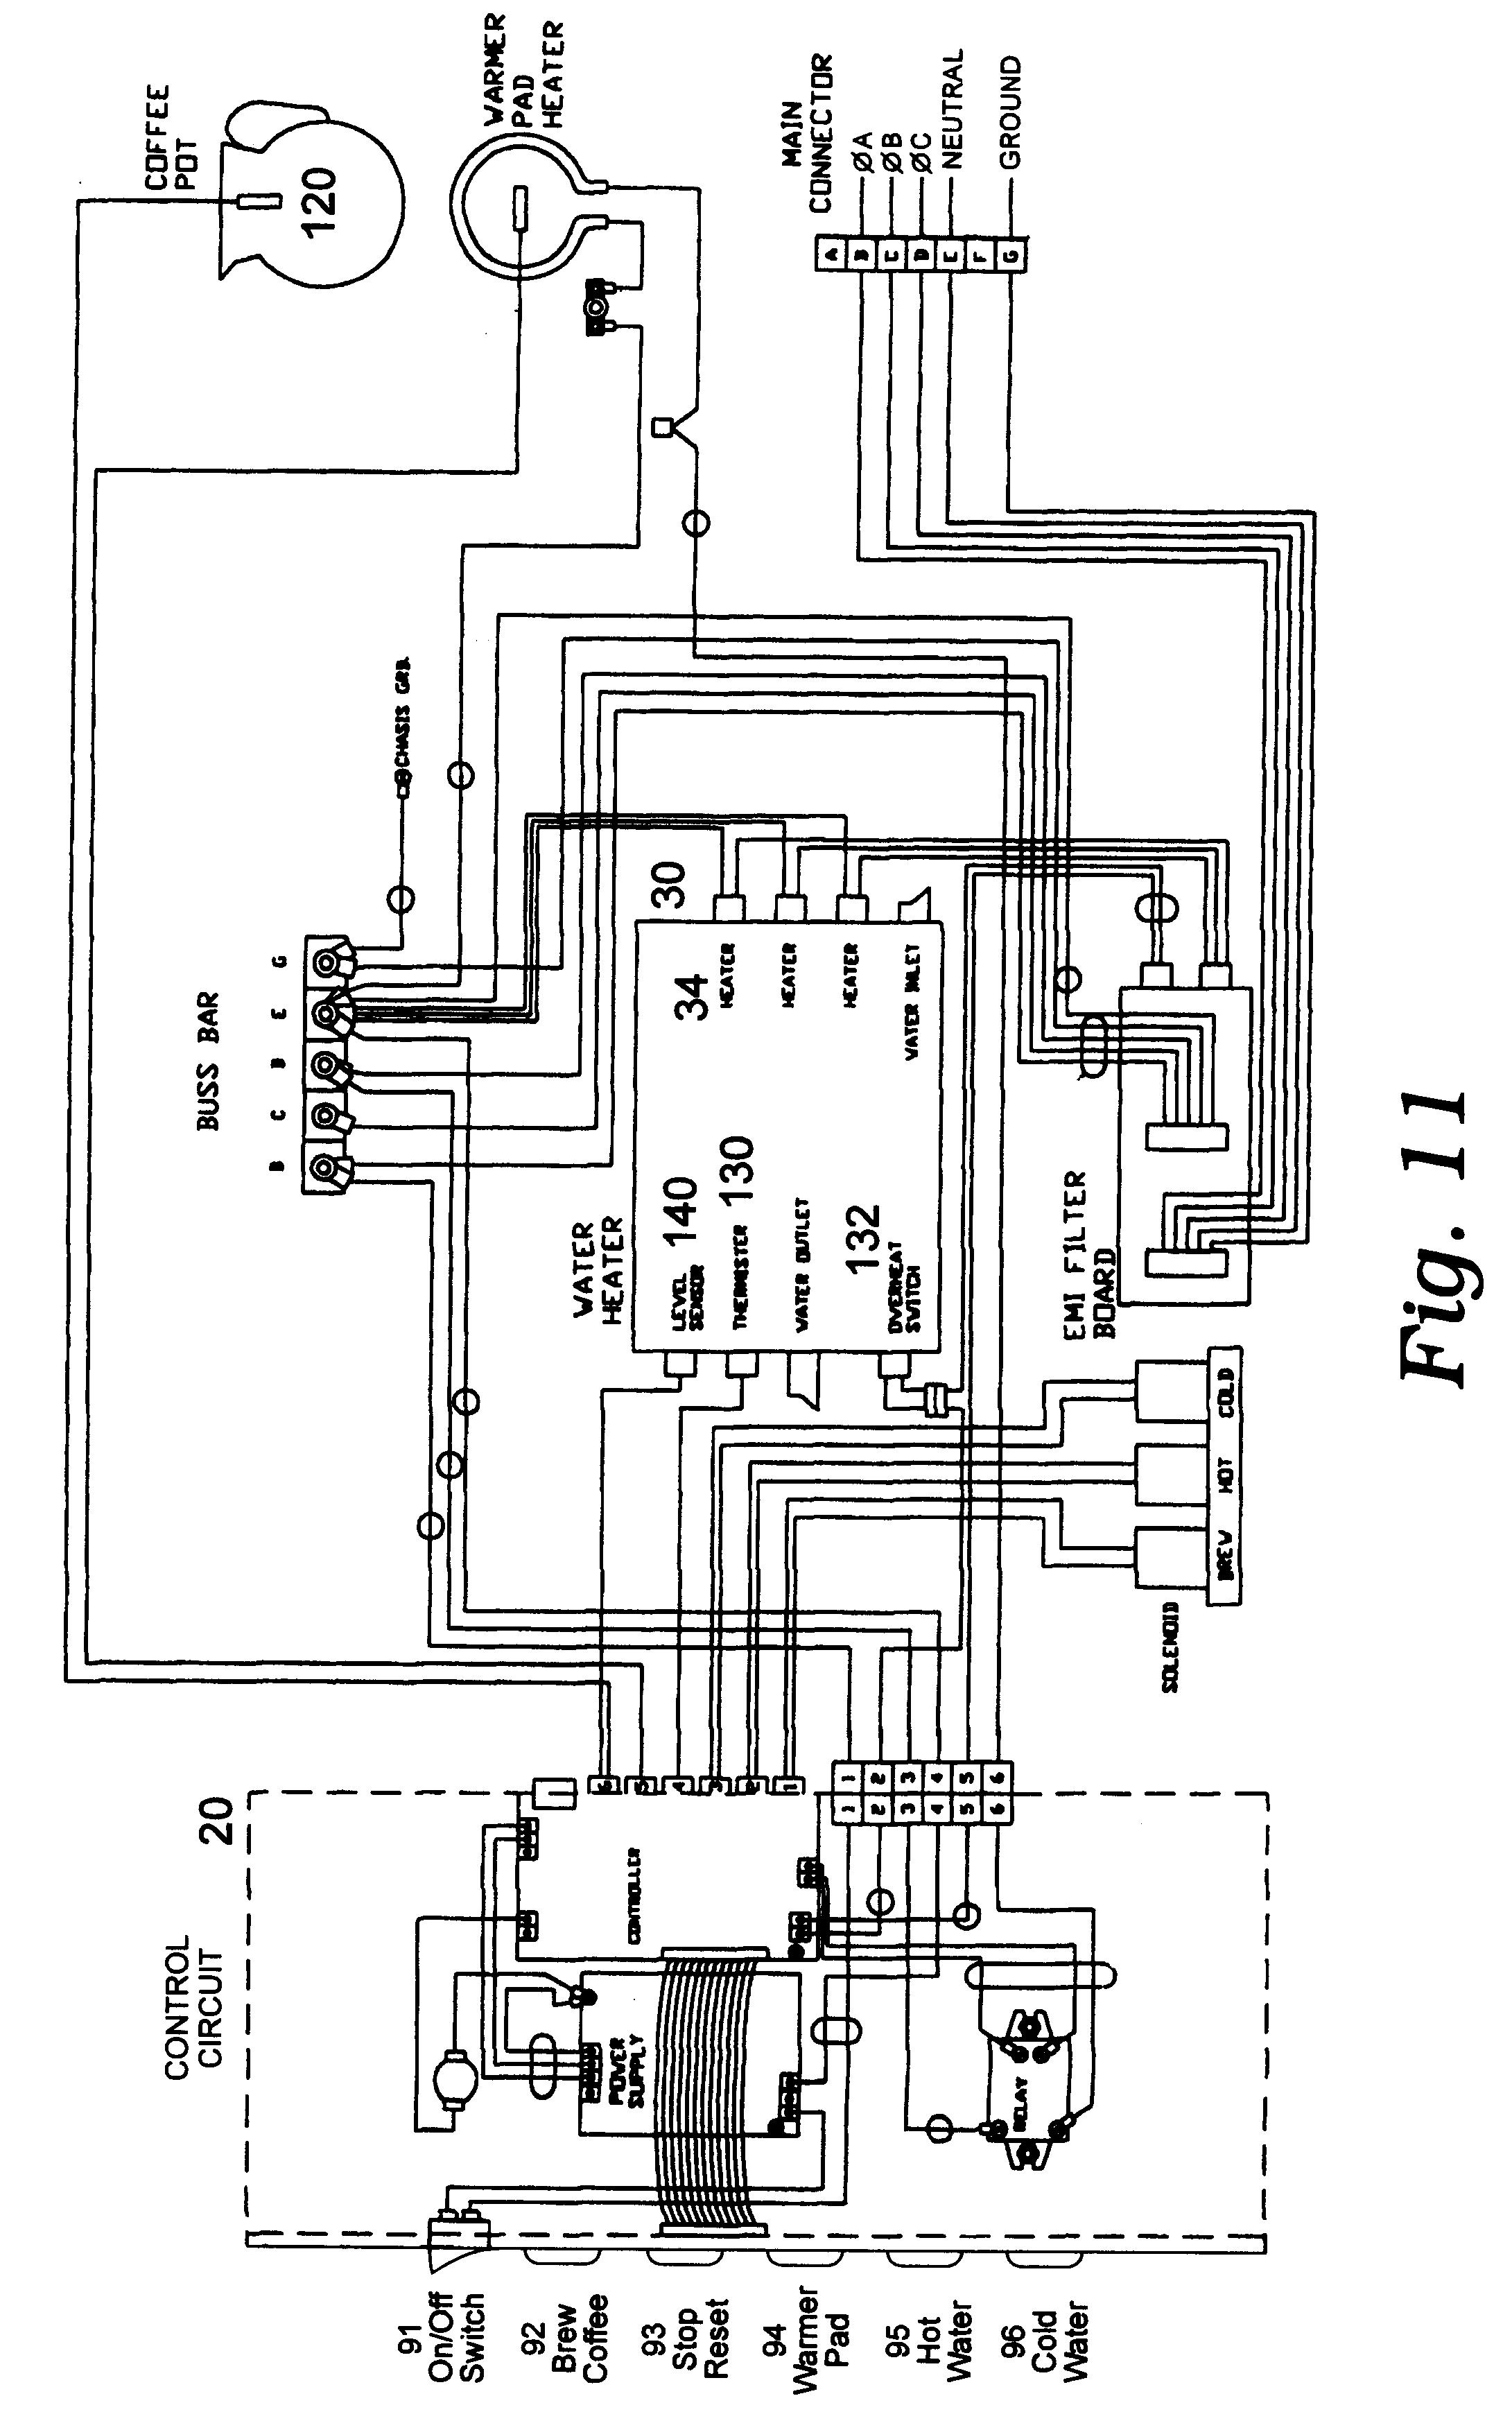 Keurig 2 0 Wiring Diagram